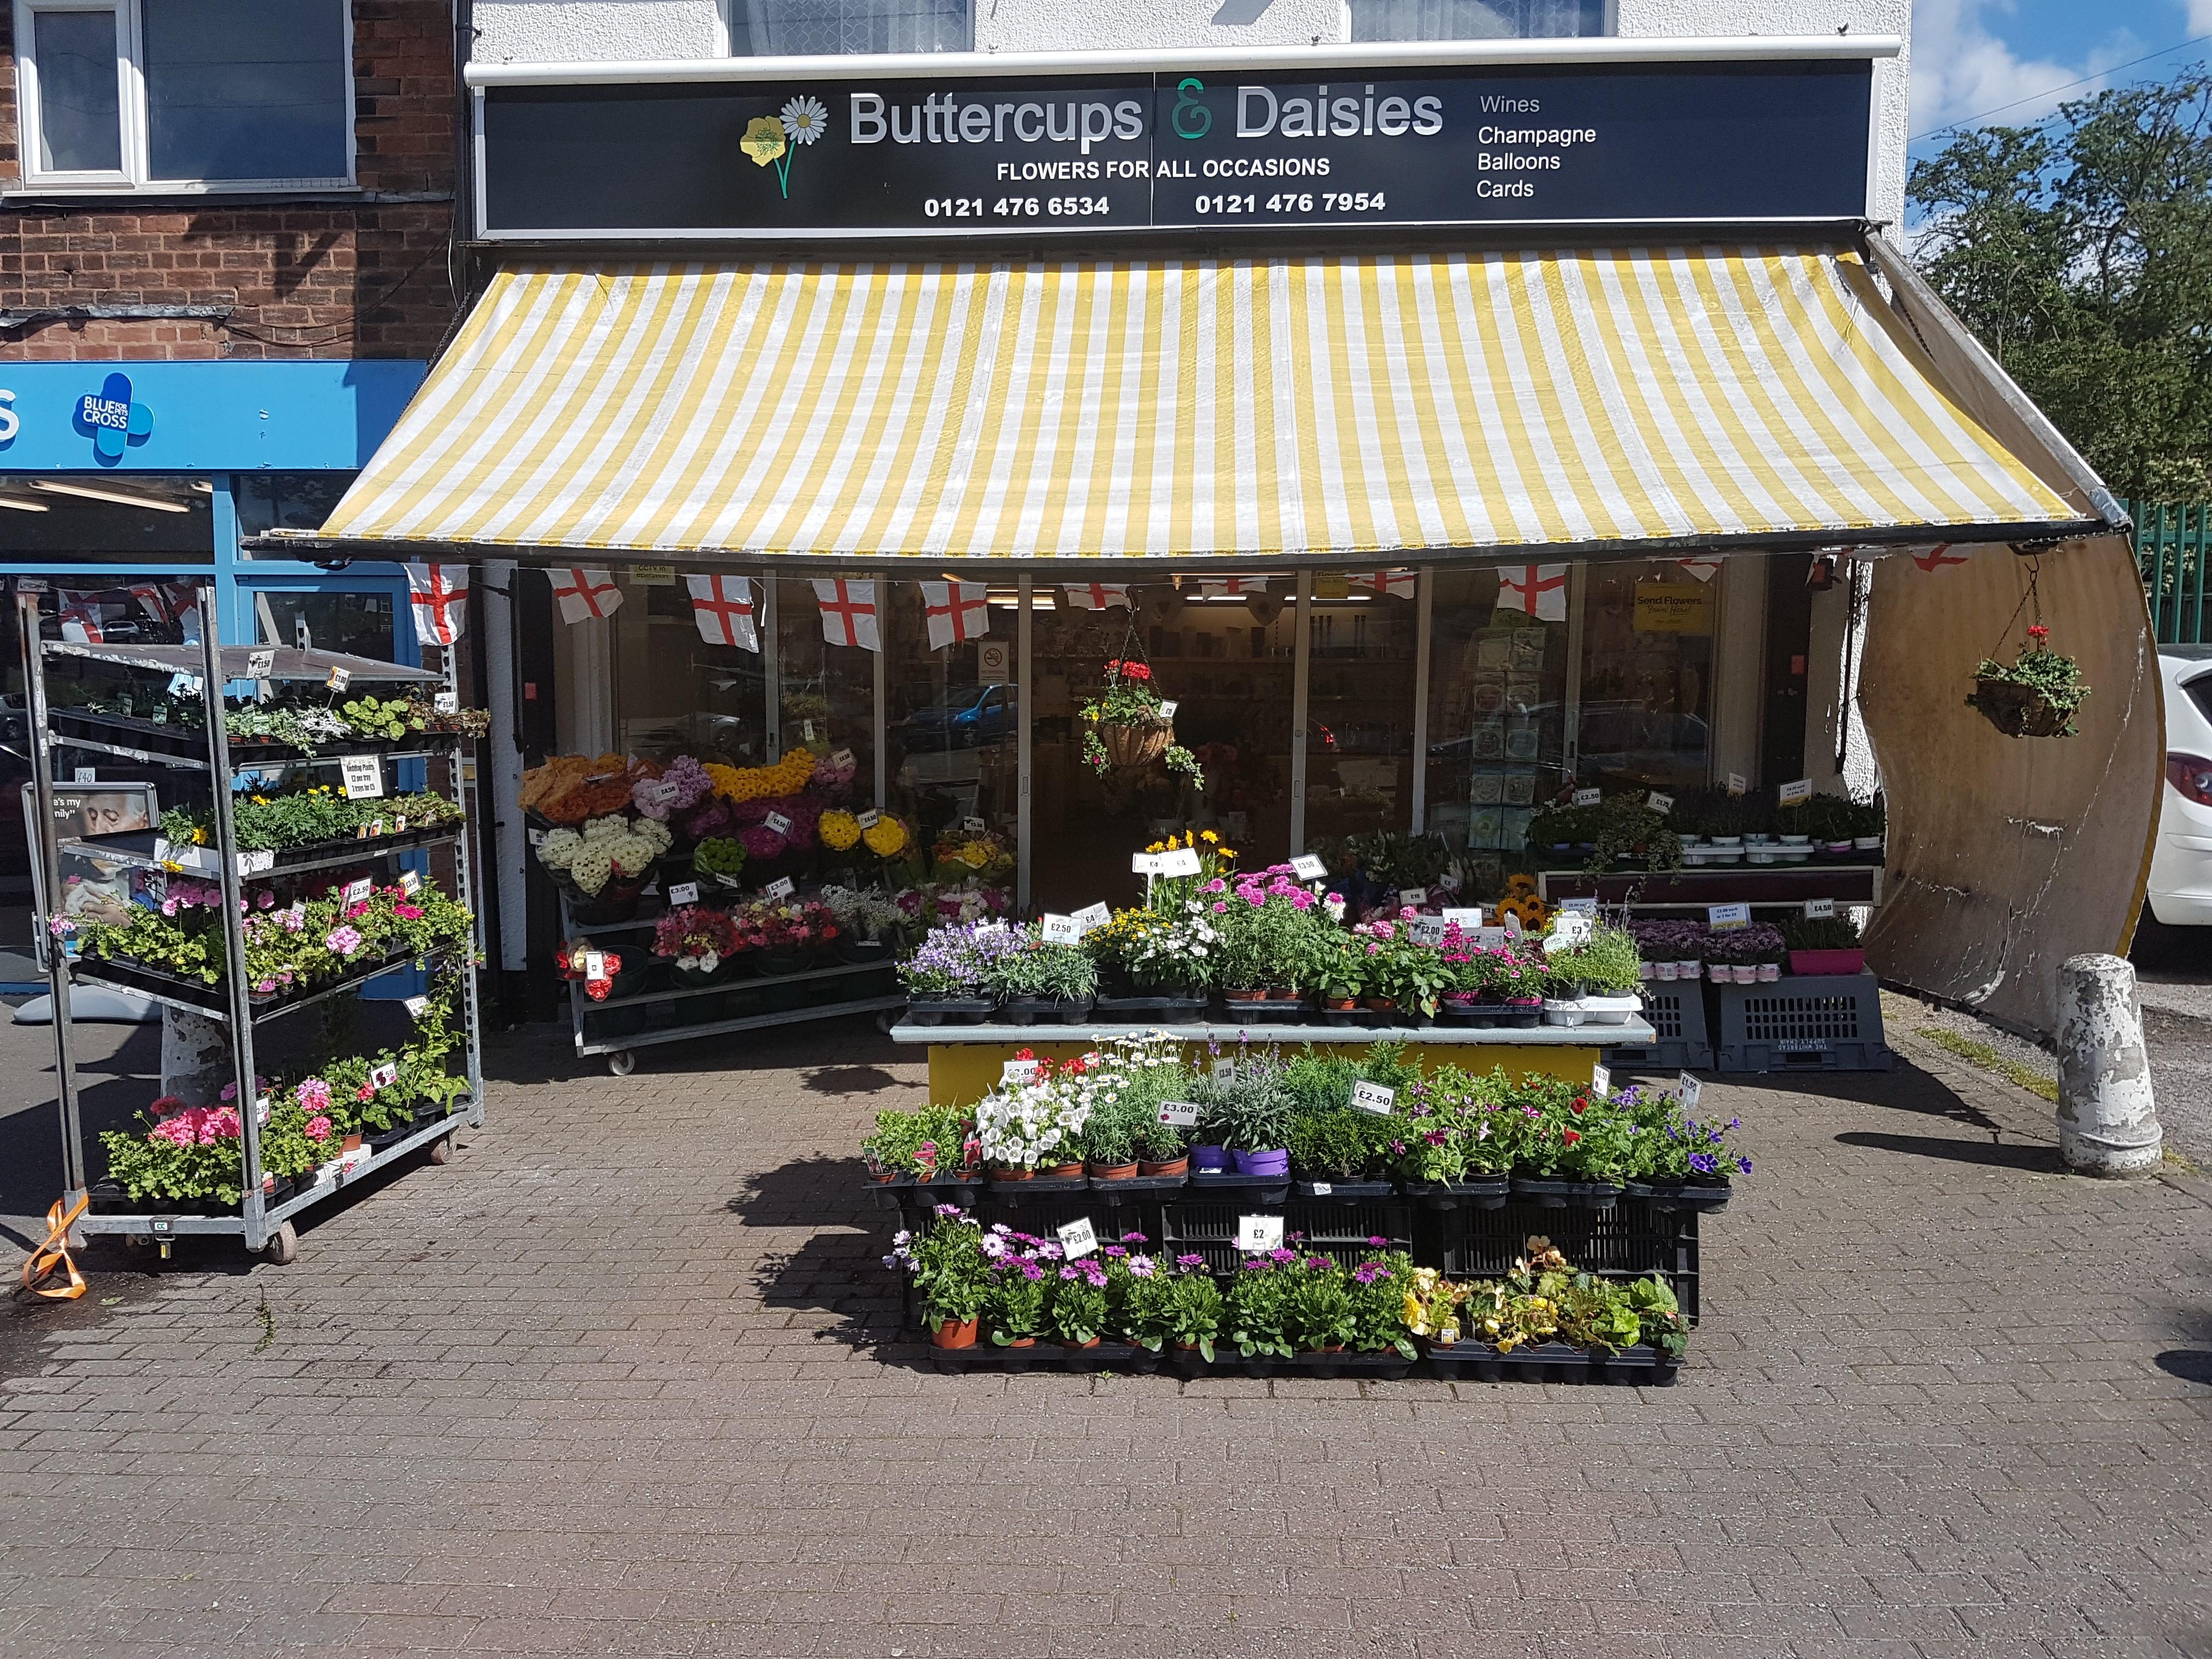 Buttercups & Daisies Florist Birmingham